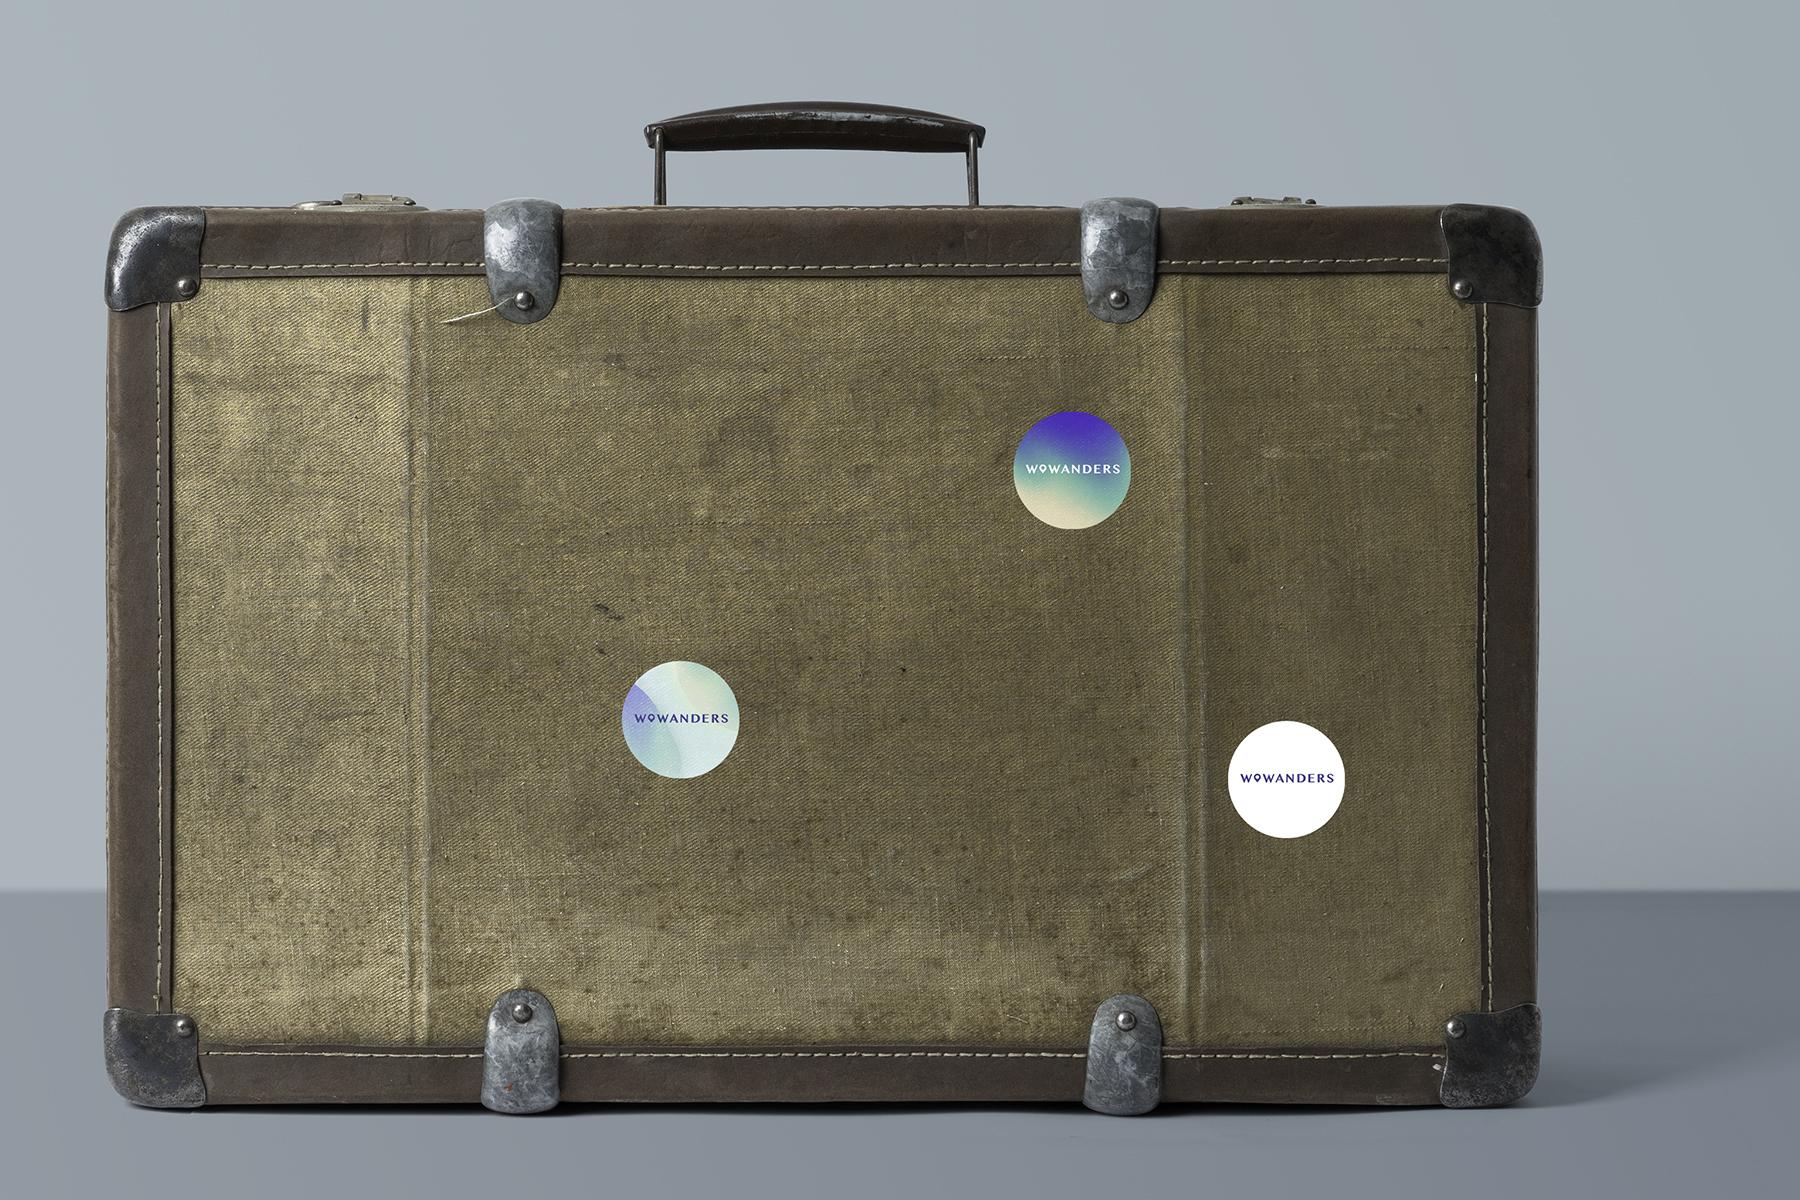 Sticker_Design_Suitcase_Luggage_Wowanders.jpg